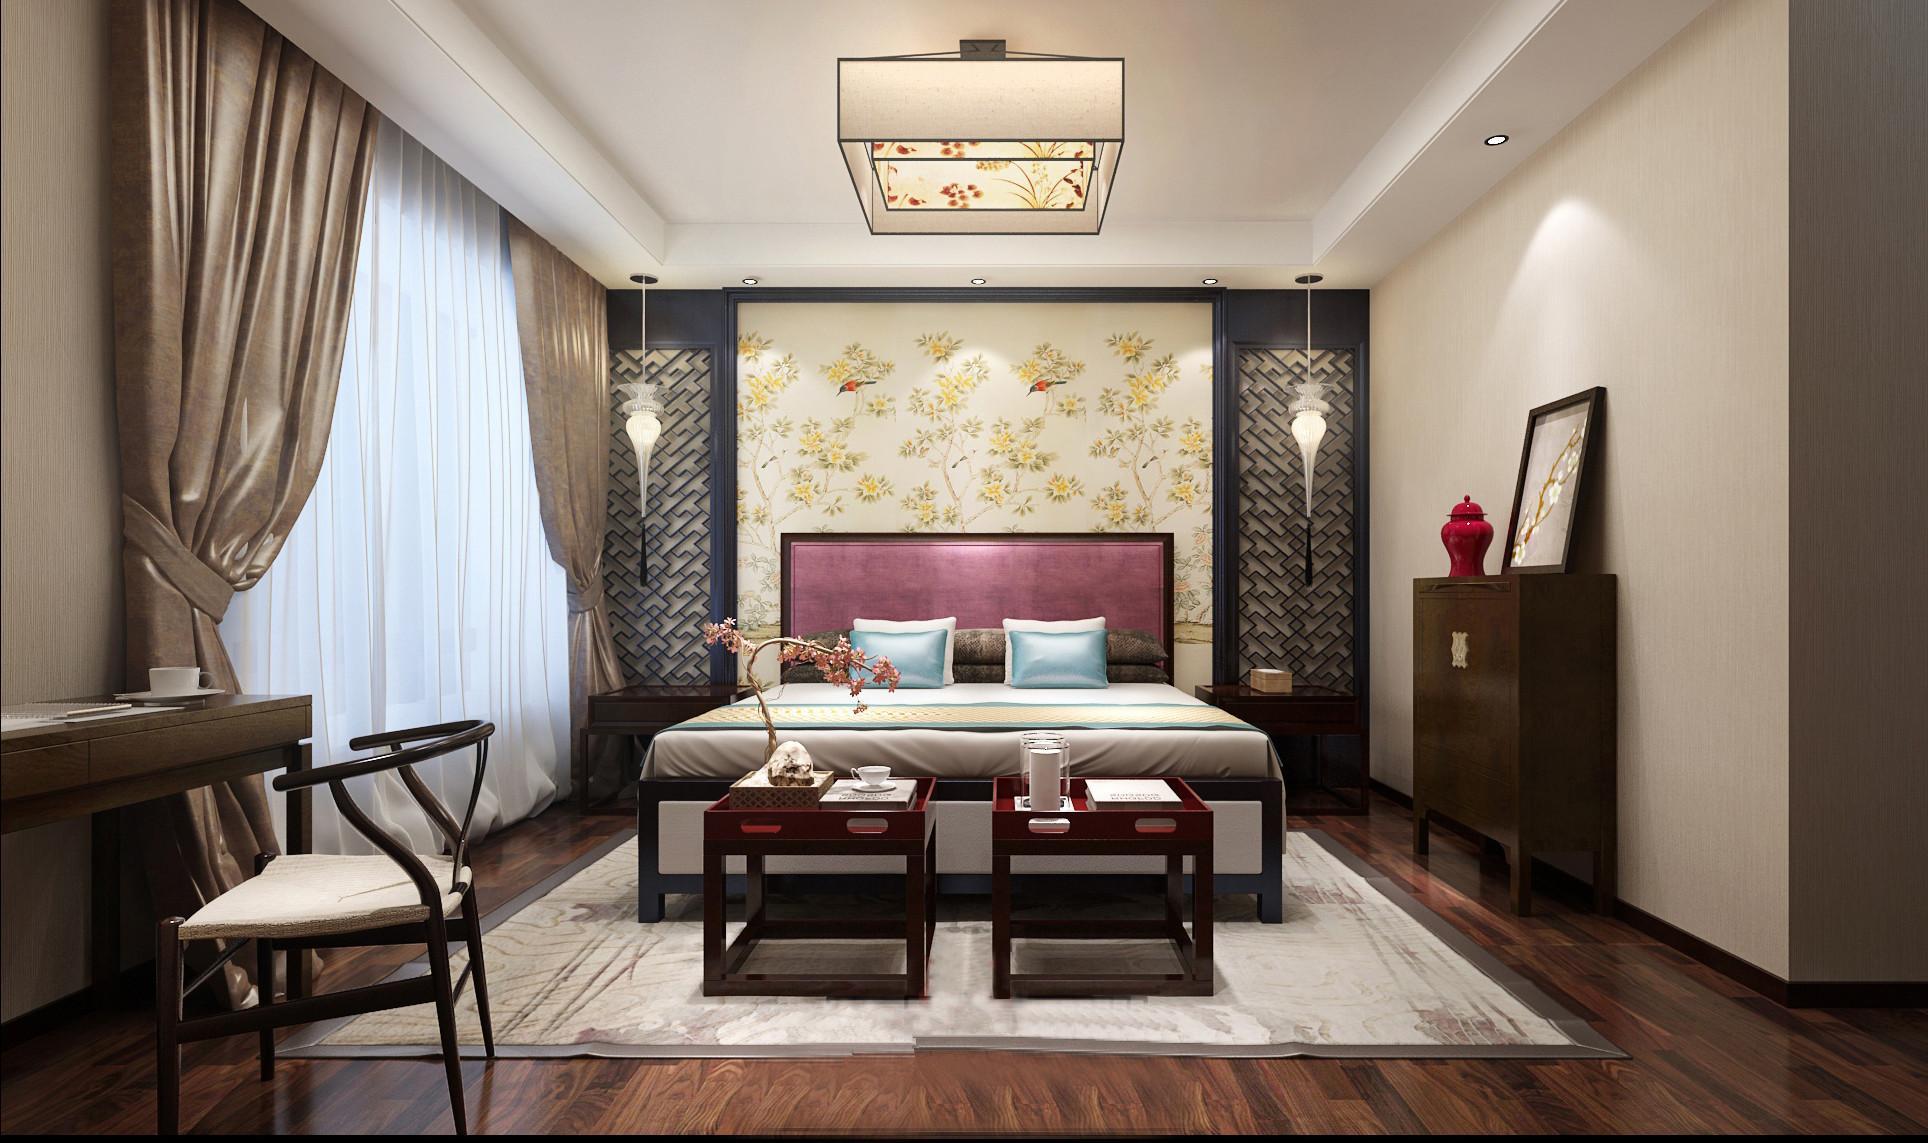 首页 装修百科 家装资讯    四,中式卧室装修要注意家具布置   中式风